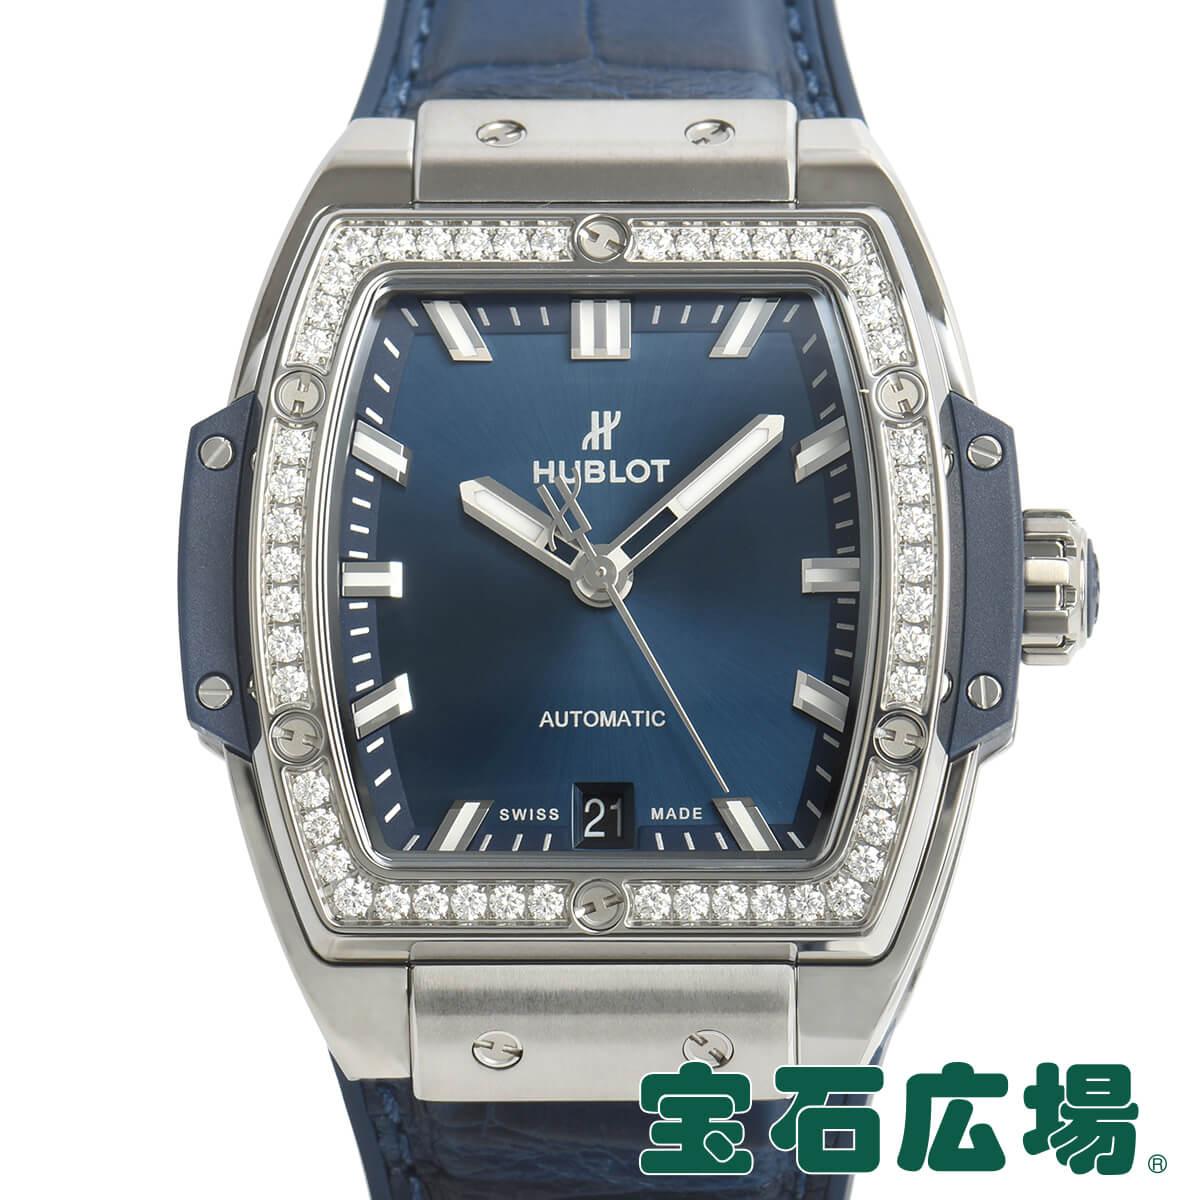 ウブロ HUBLOT スピリット オブ ビッグバン チタニウム ブルー ダイヤモンド 665.NX.7170.LR.1204【新品】レディース 腕時計 送料・代引手数料無料